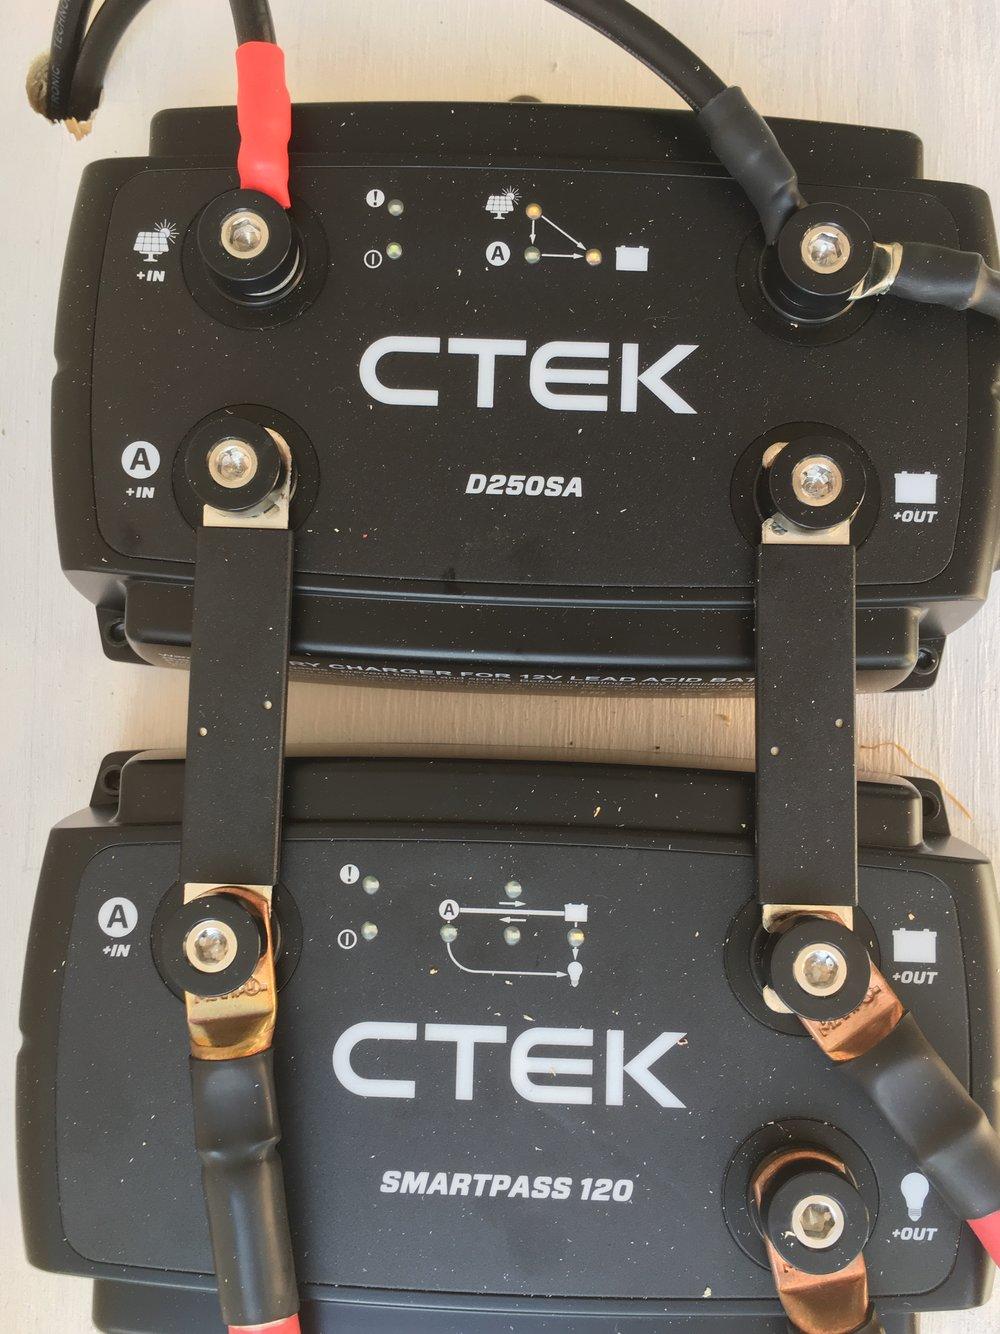 CTEK DUAL SMARTPASS